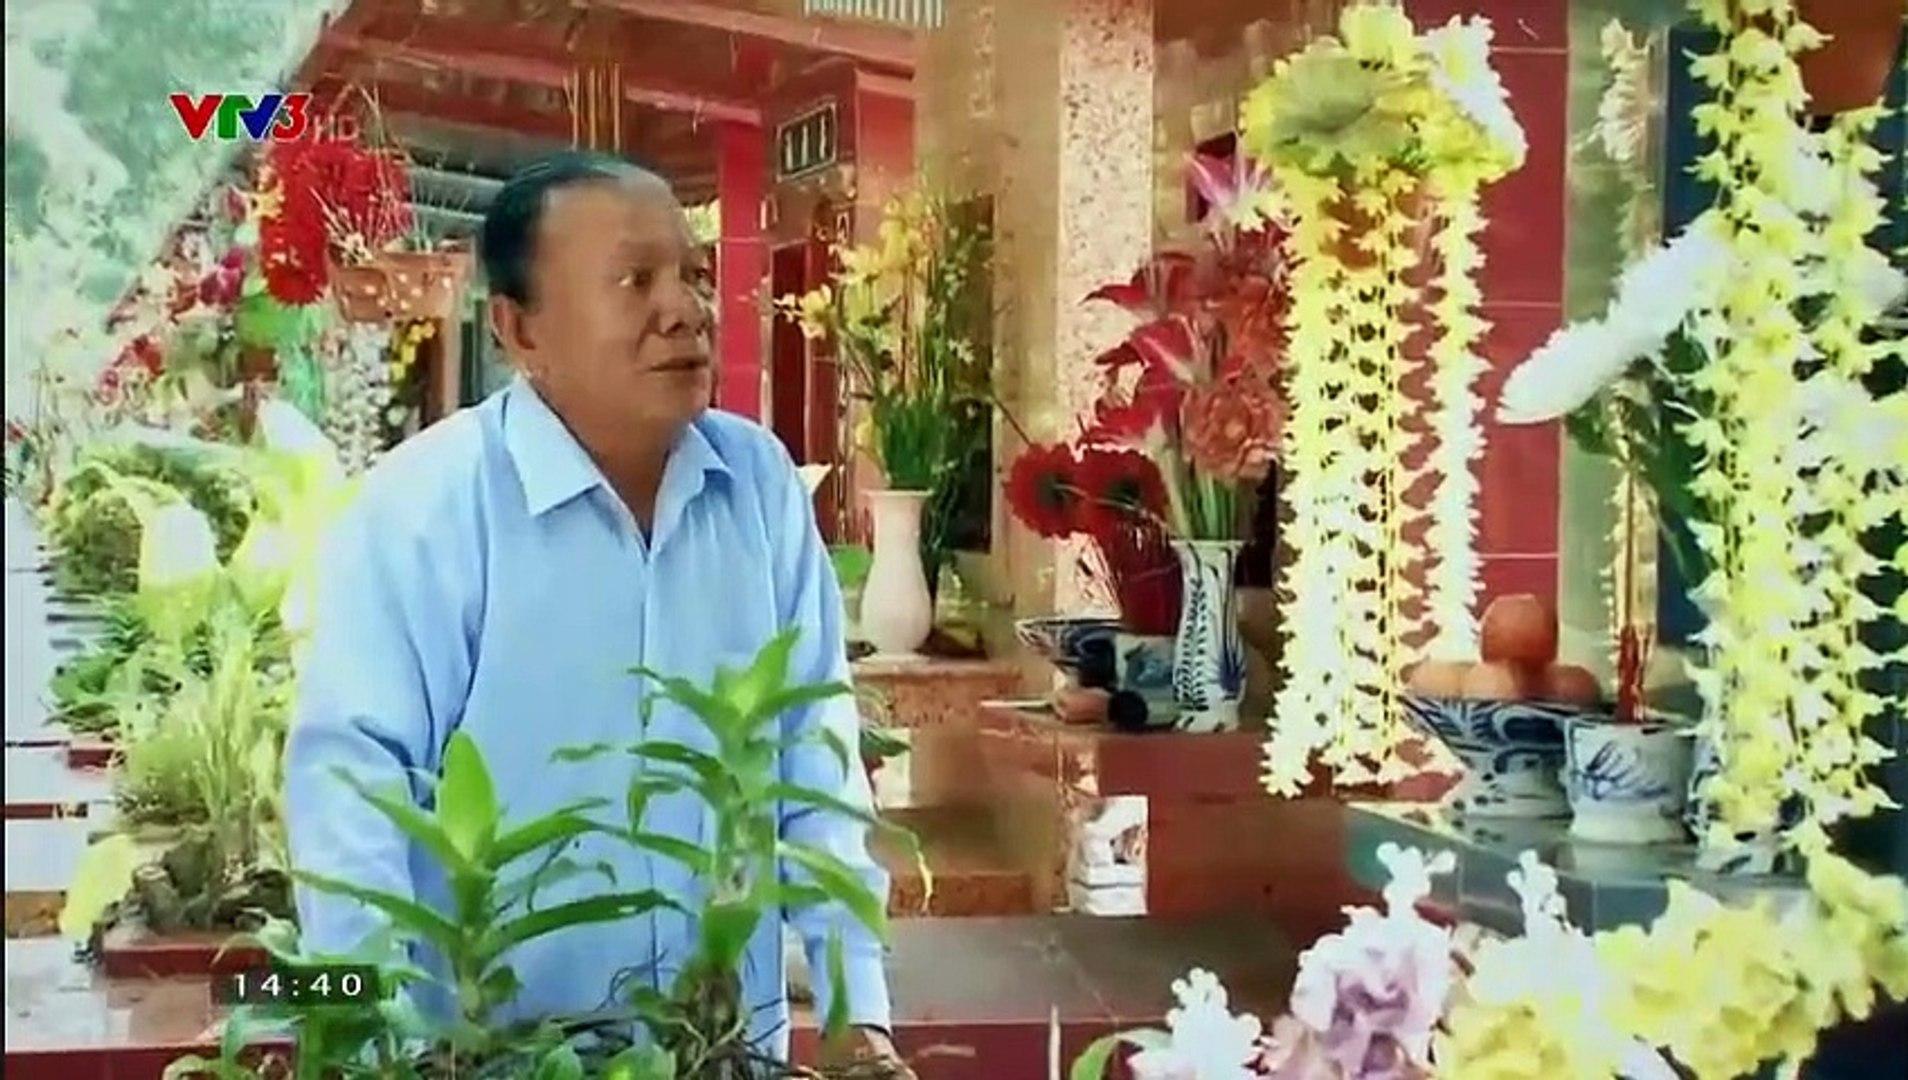 Cung Đường Tội Lỗi Tập 22 - Bản Chuẩn Full - Ngày 30/09/2018 - Phim Việt Nam VTV3 - Cung Duong Toi L